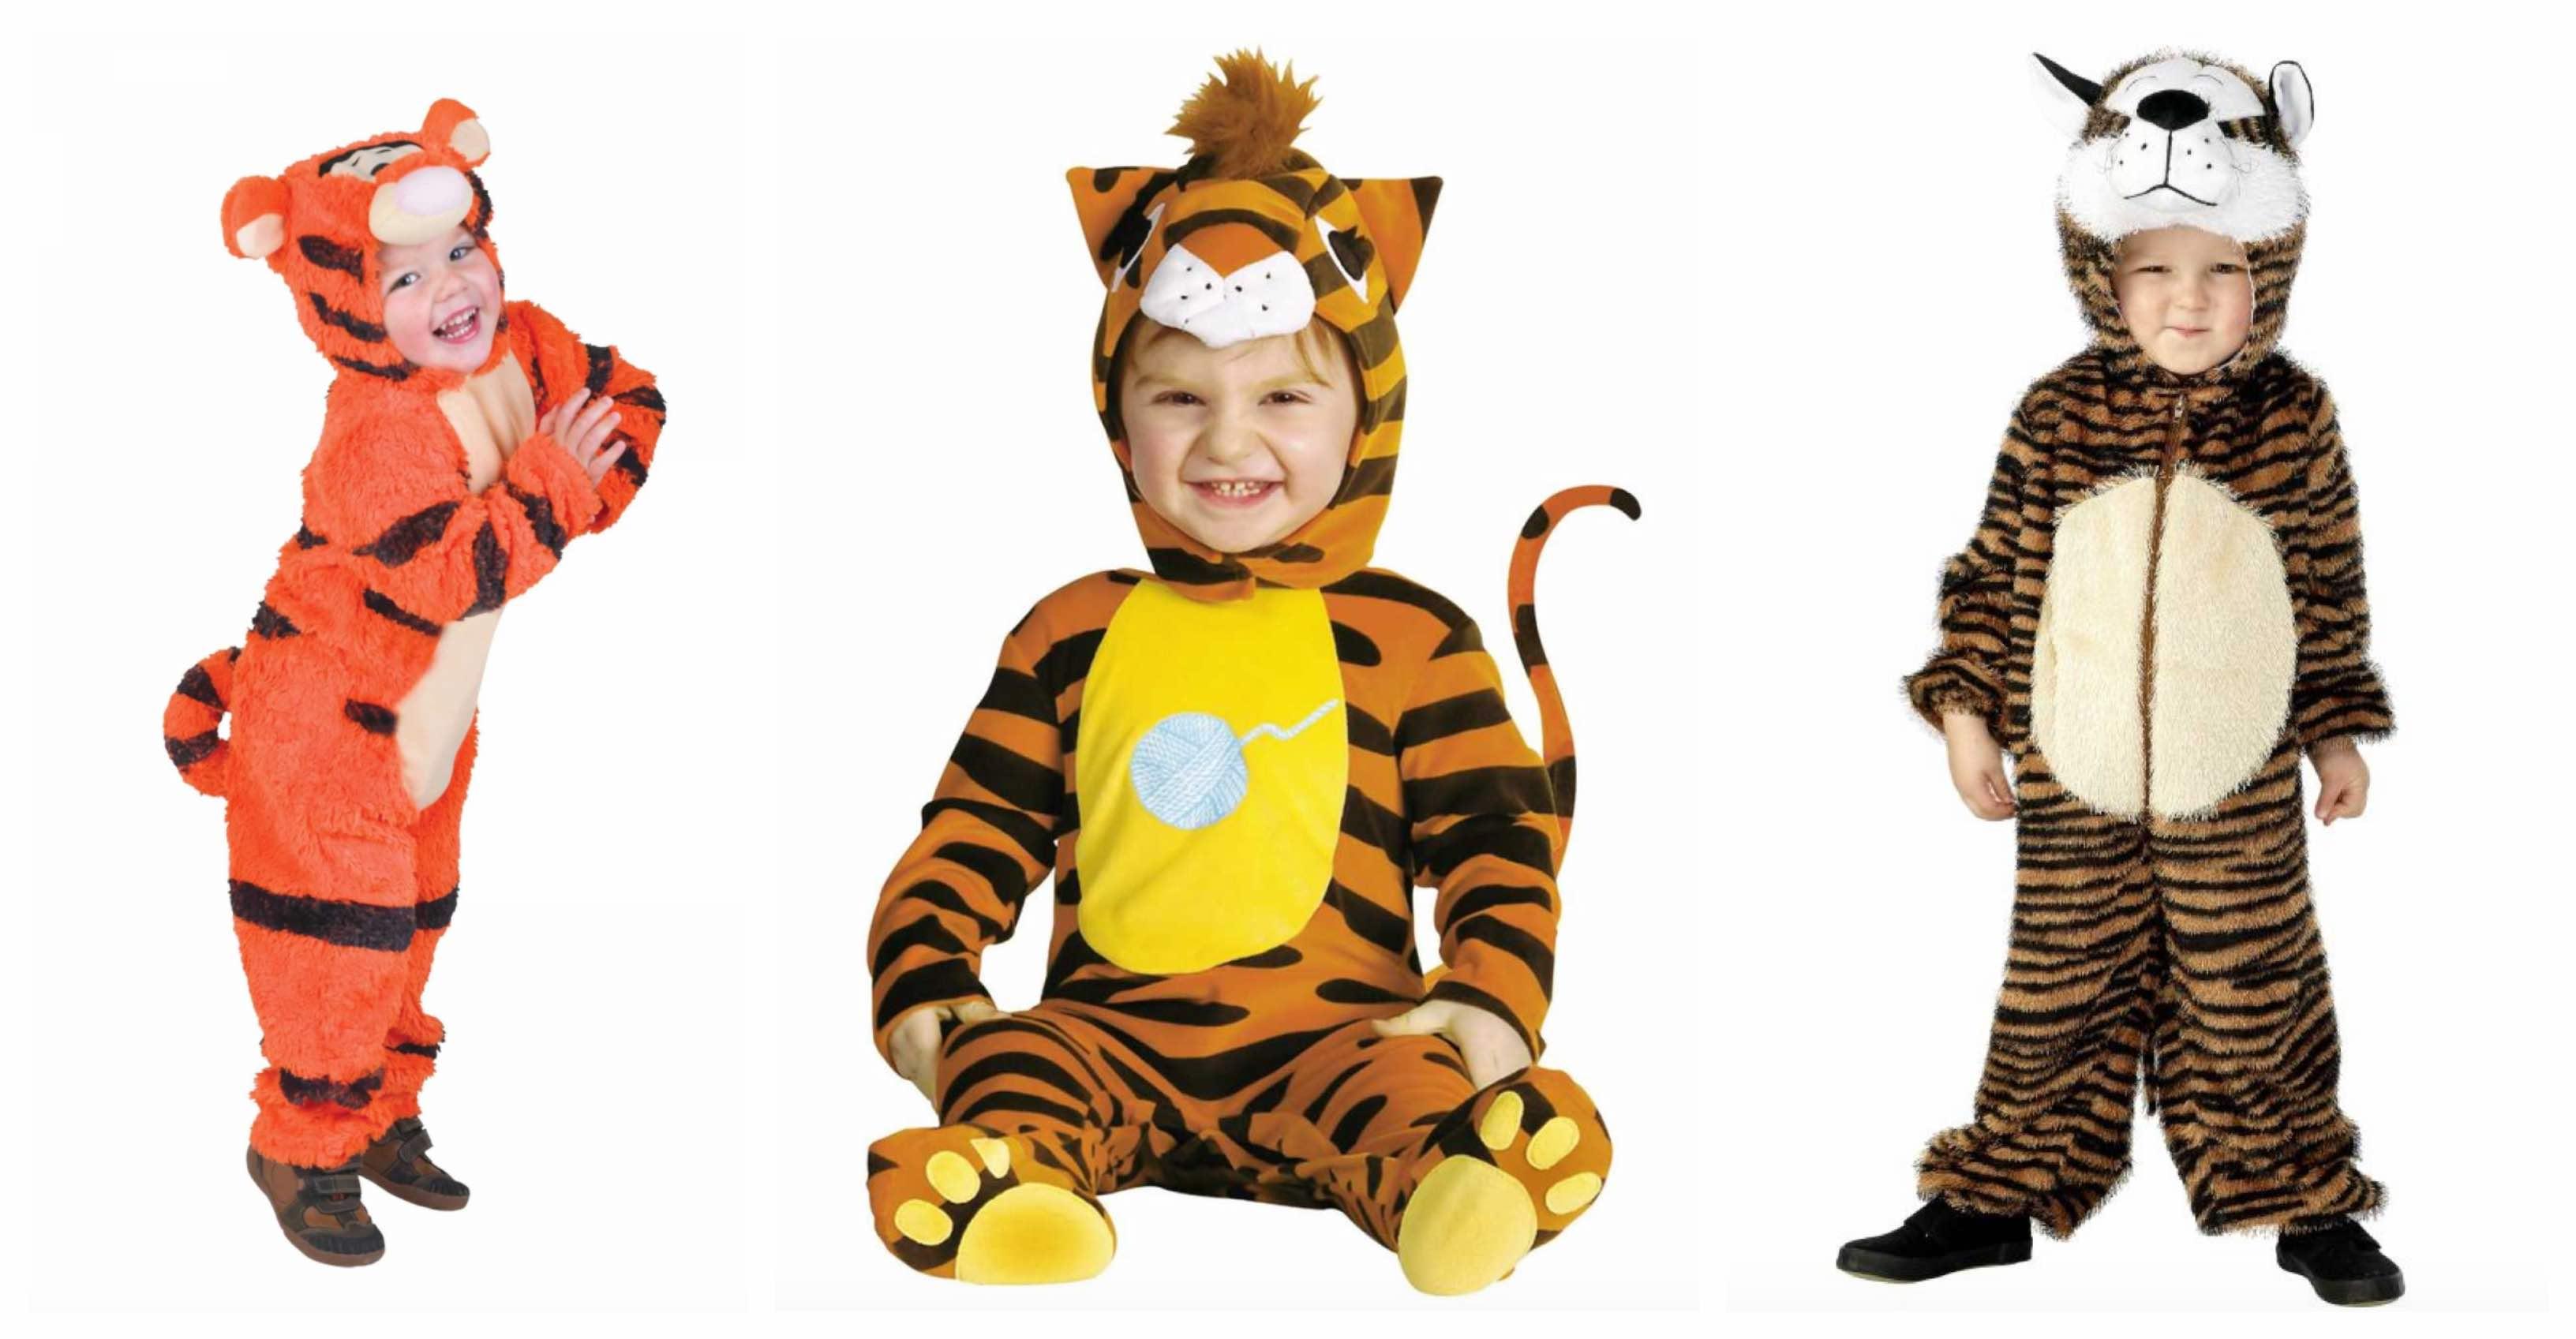 Tiger kostume til børn og baby KostumeUniverset